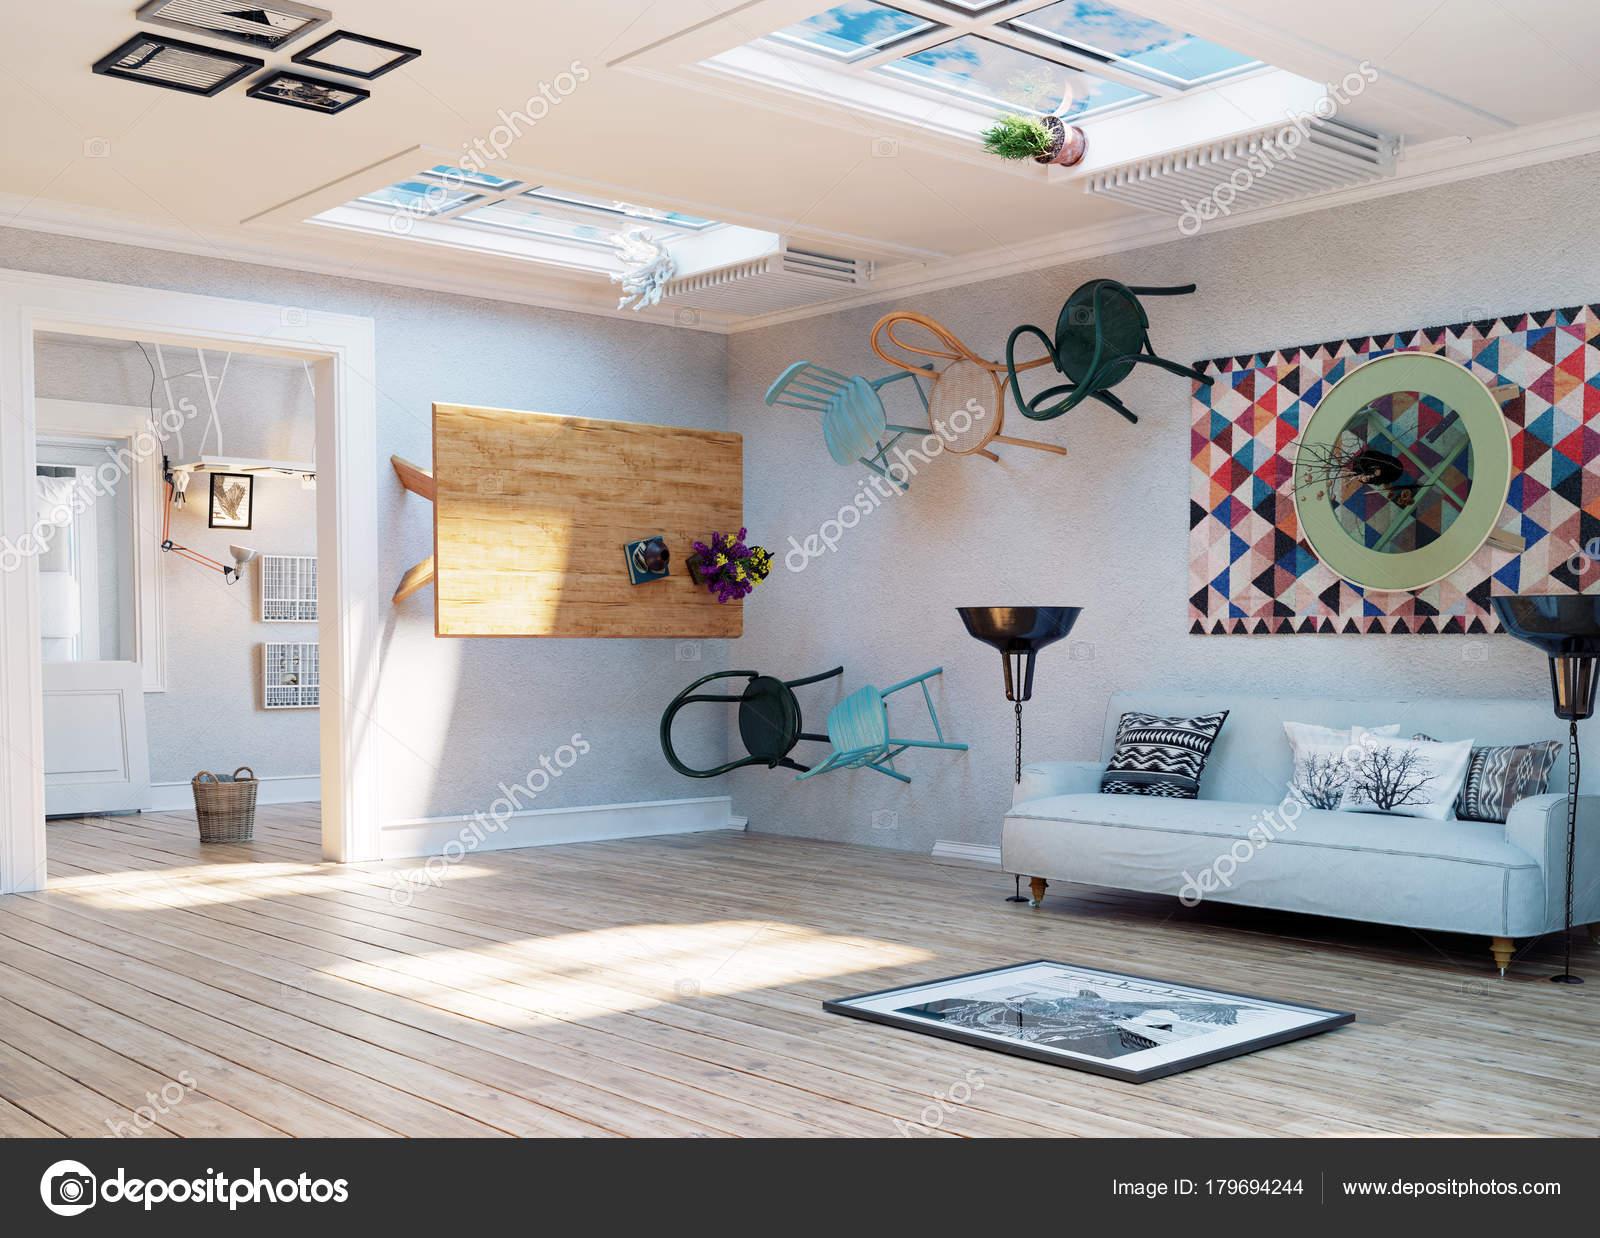 Vreemd Ondersteboven Kamer Interieur Illustratie Creatief Concept ...